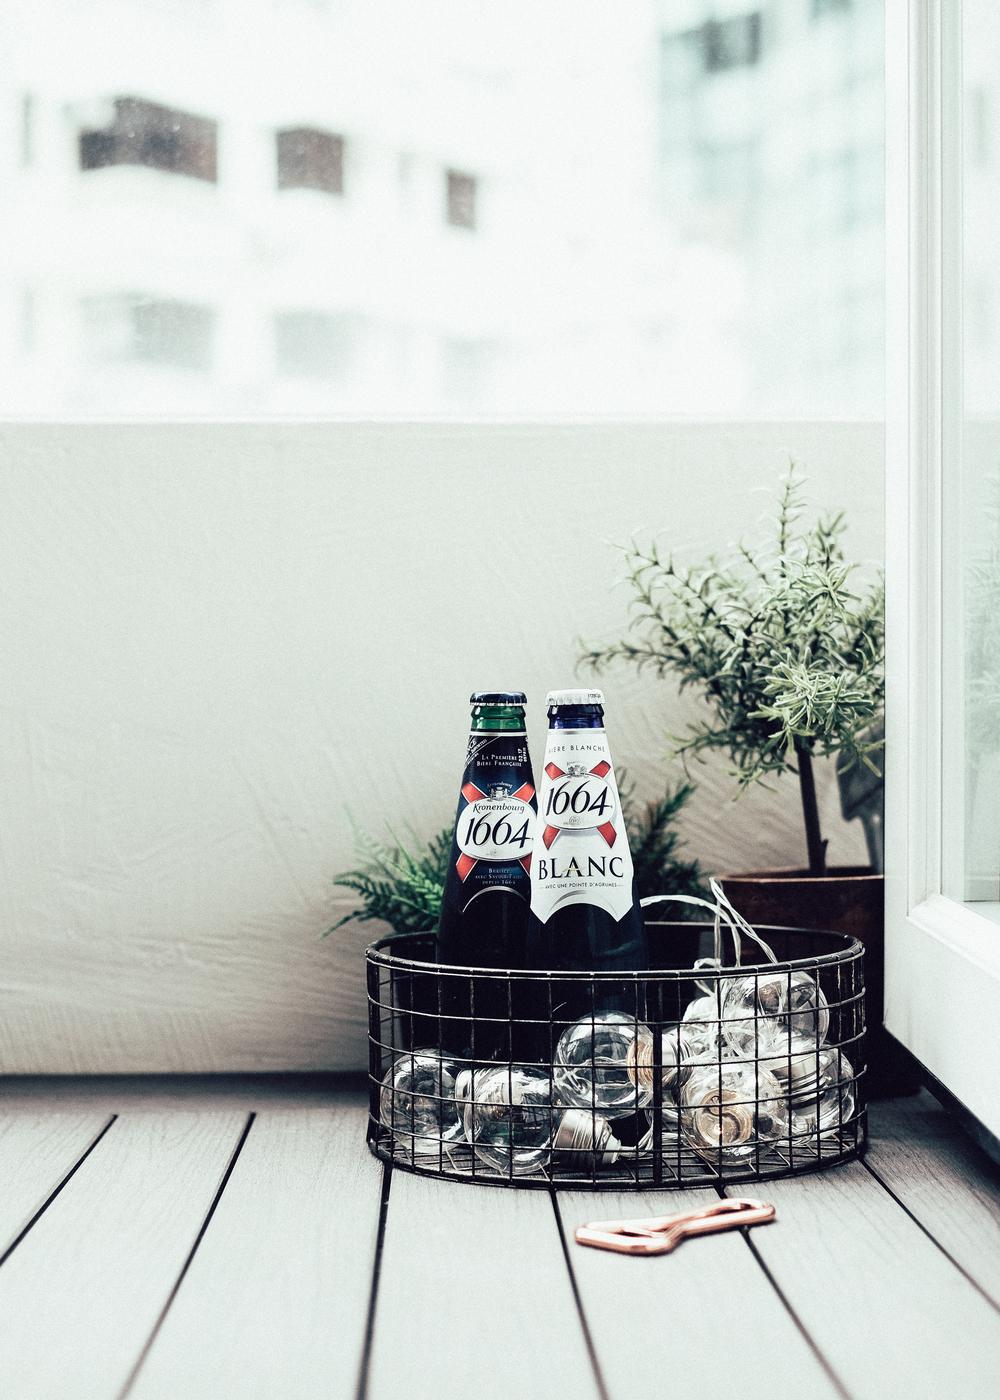 Kronenbourg - Instagram Content